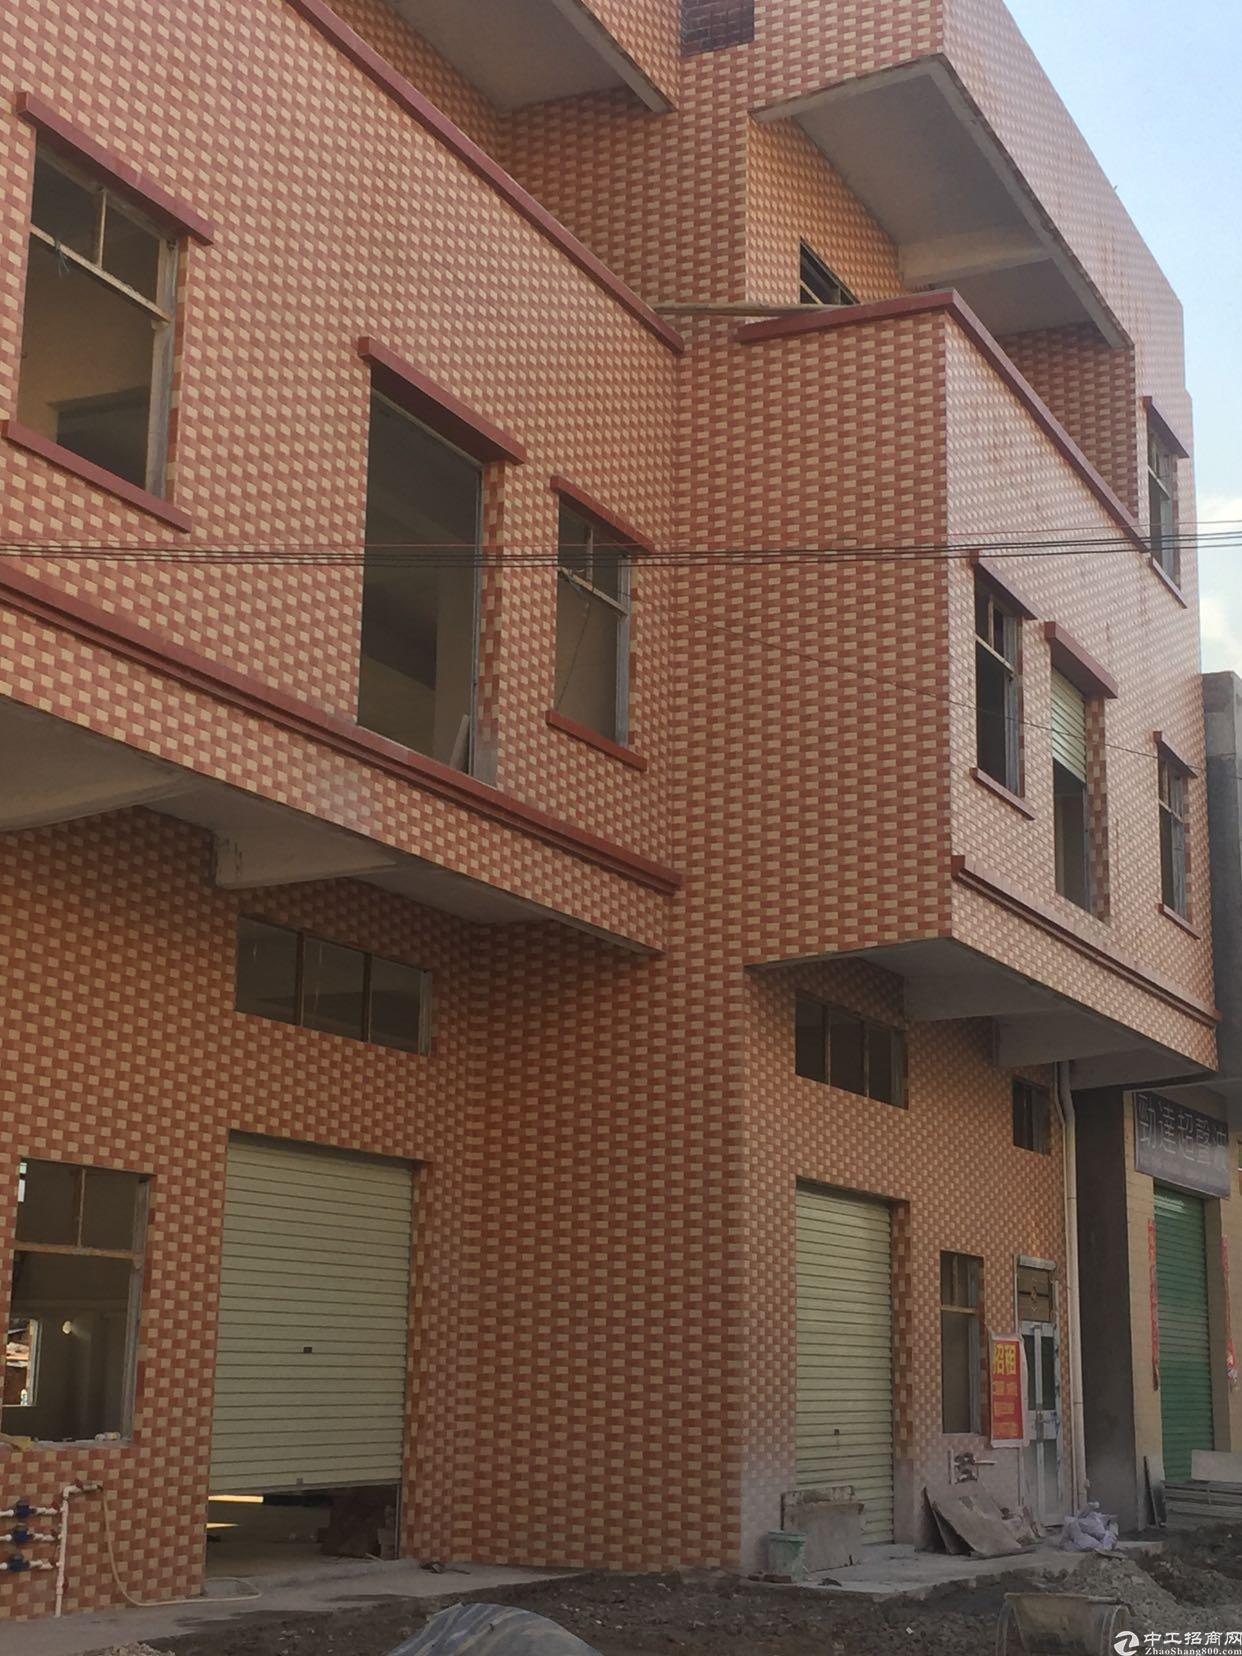 大朗全新独栋小厂房800平方米出租